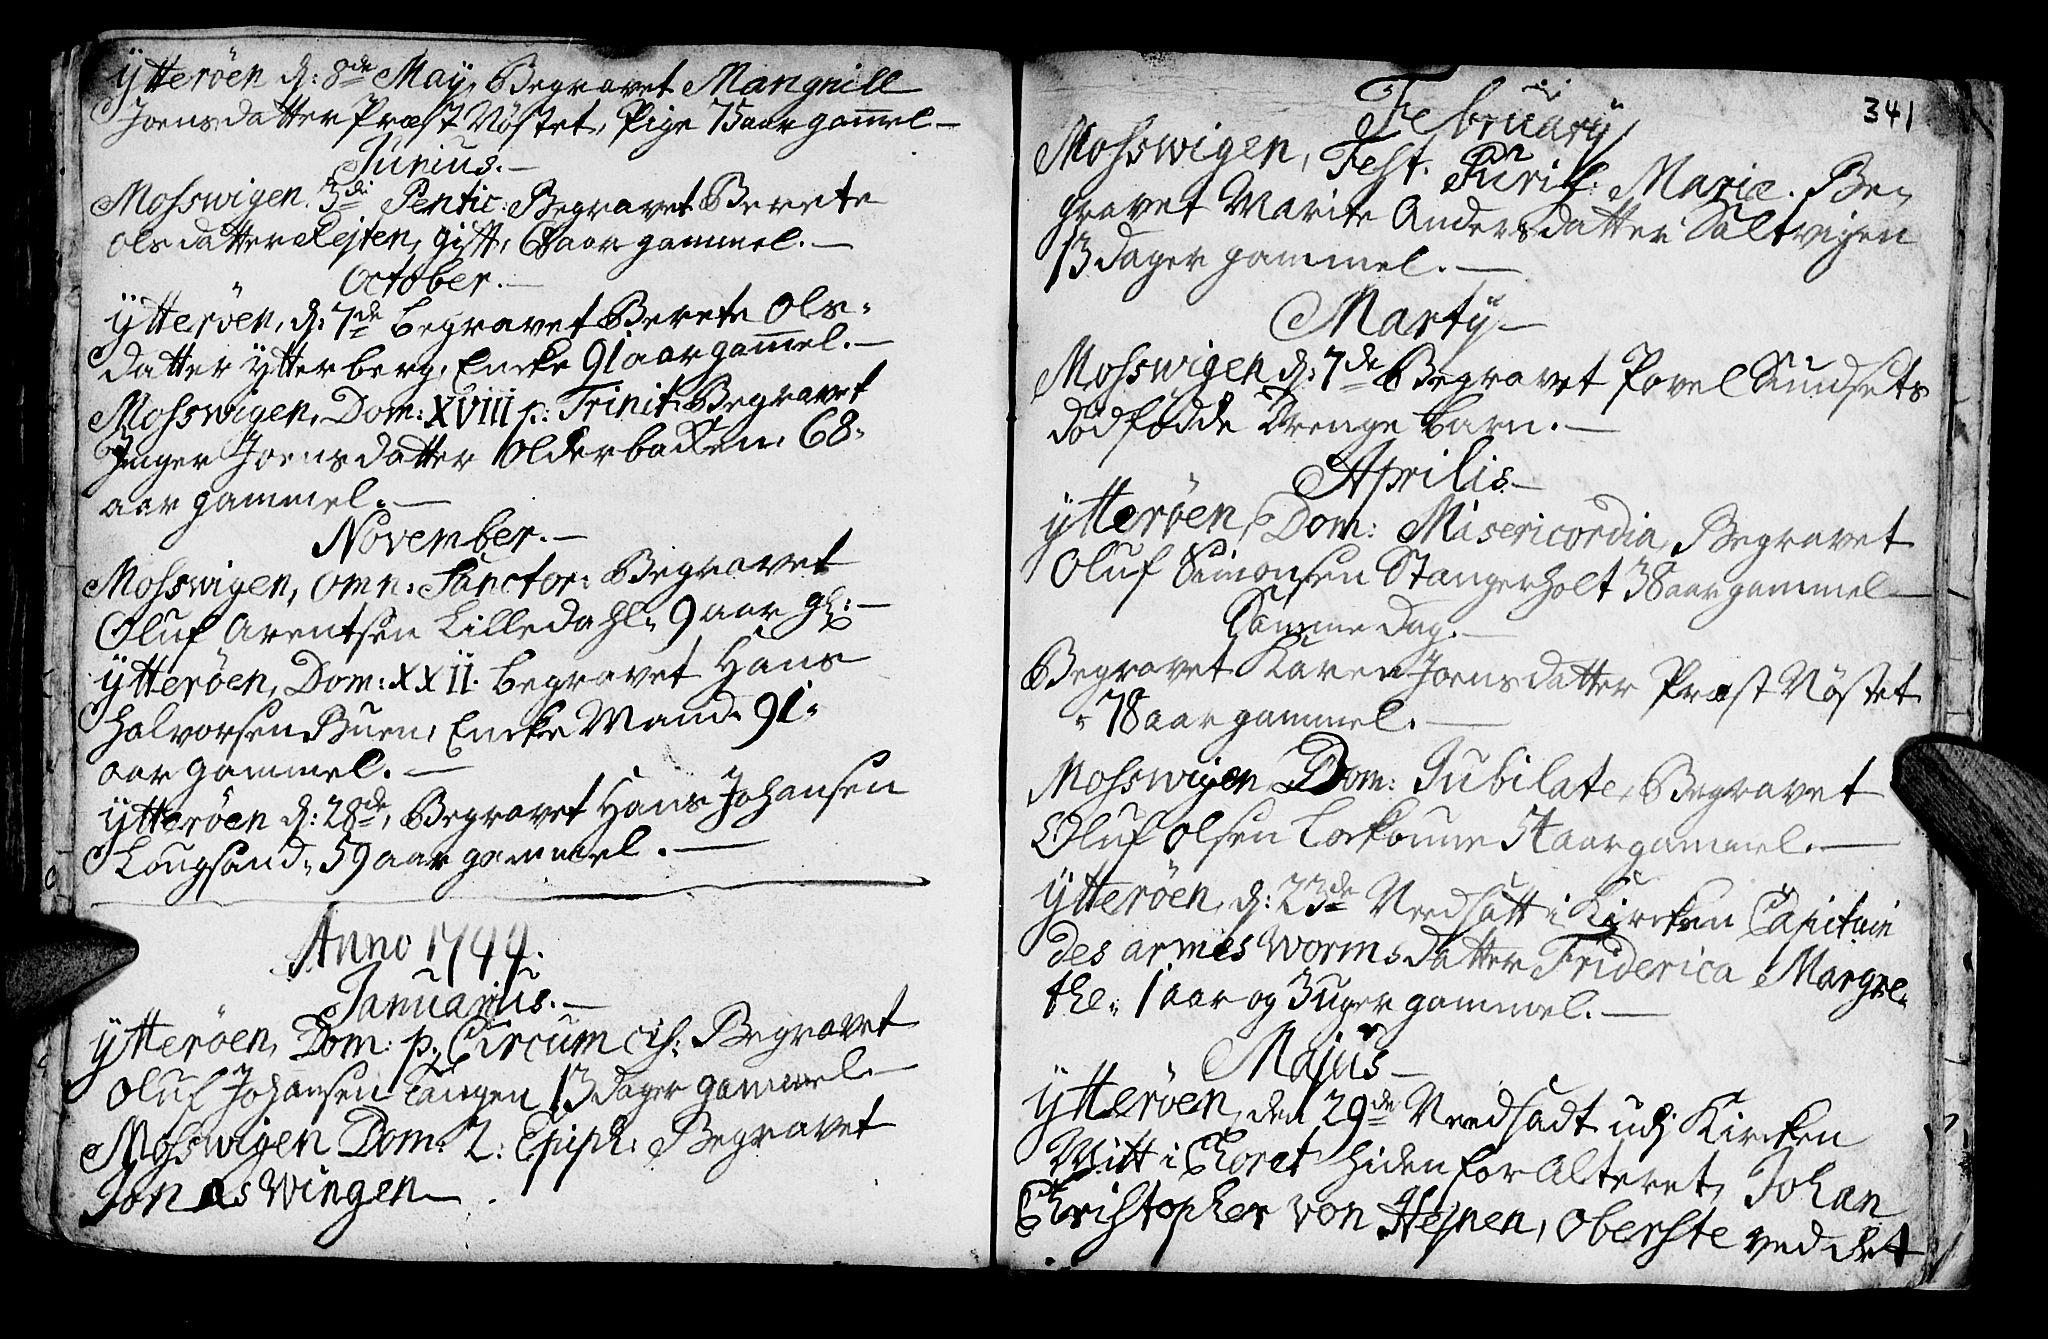 SAT, Ministerialprotokoller, klokkerbøker og fødselsregistre - Nord-Trøndelag, 722/L0215: Ministerialbok nr. 722A02, 1718-1755, s. 341